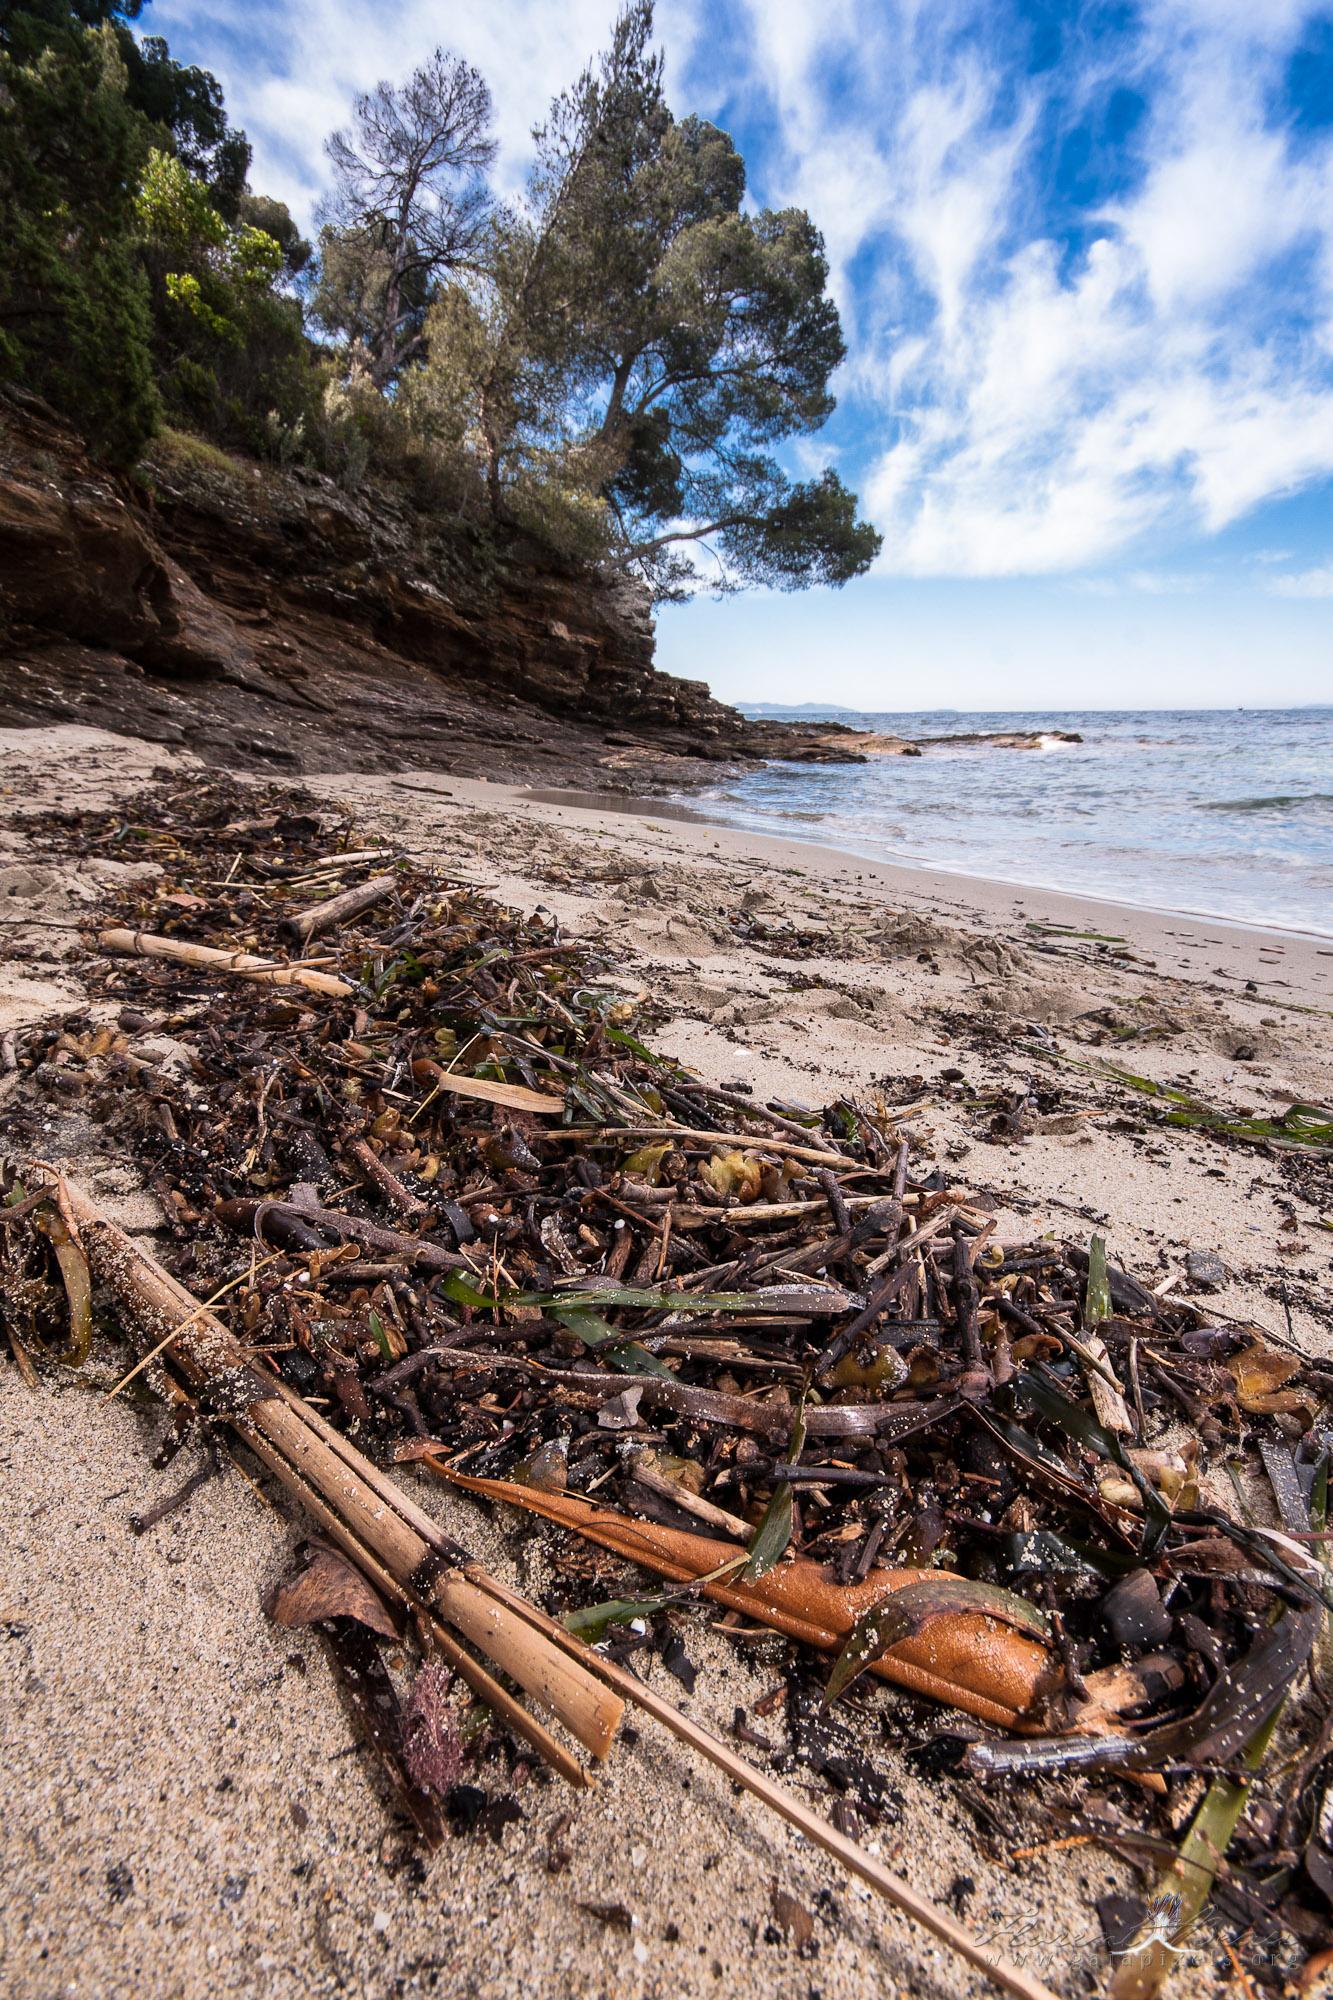 Laisse de mer sur le plage du figuier, Rayol-Canadel-sur-Mer